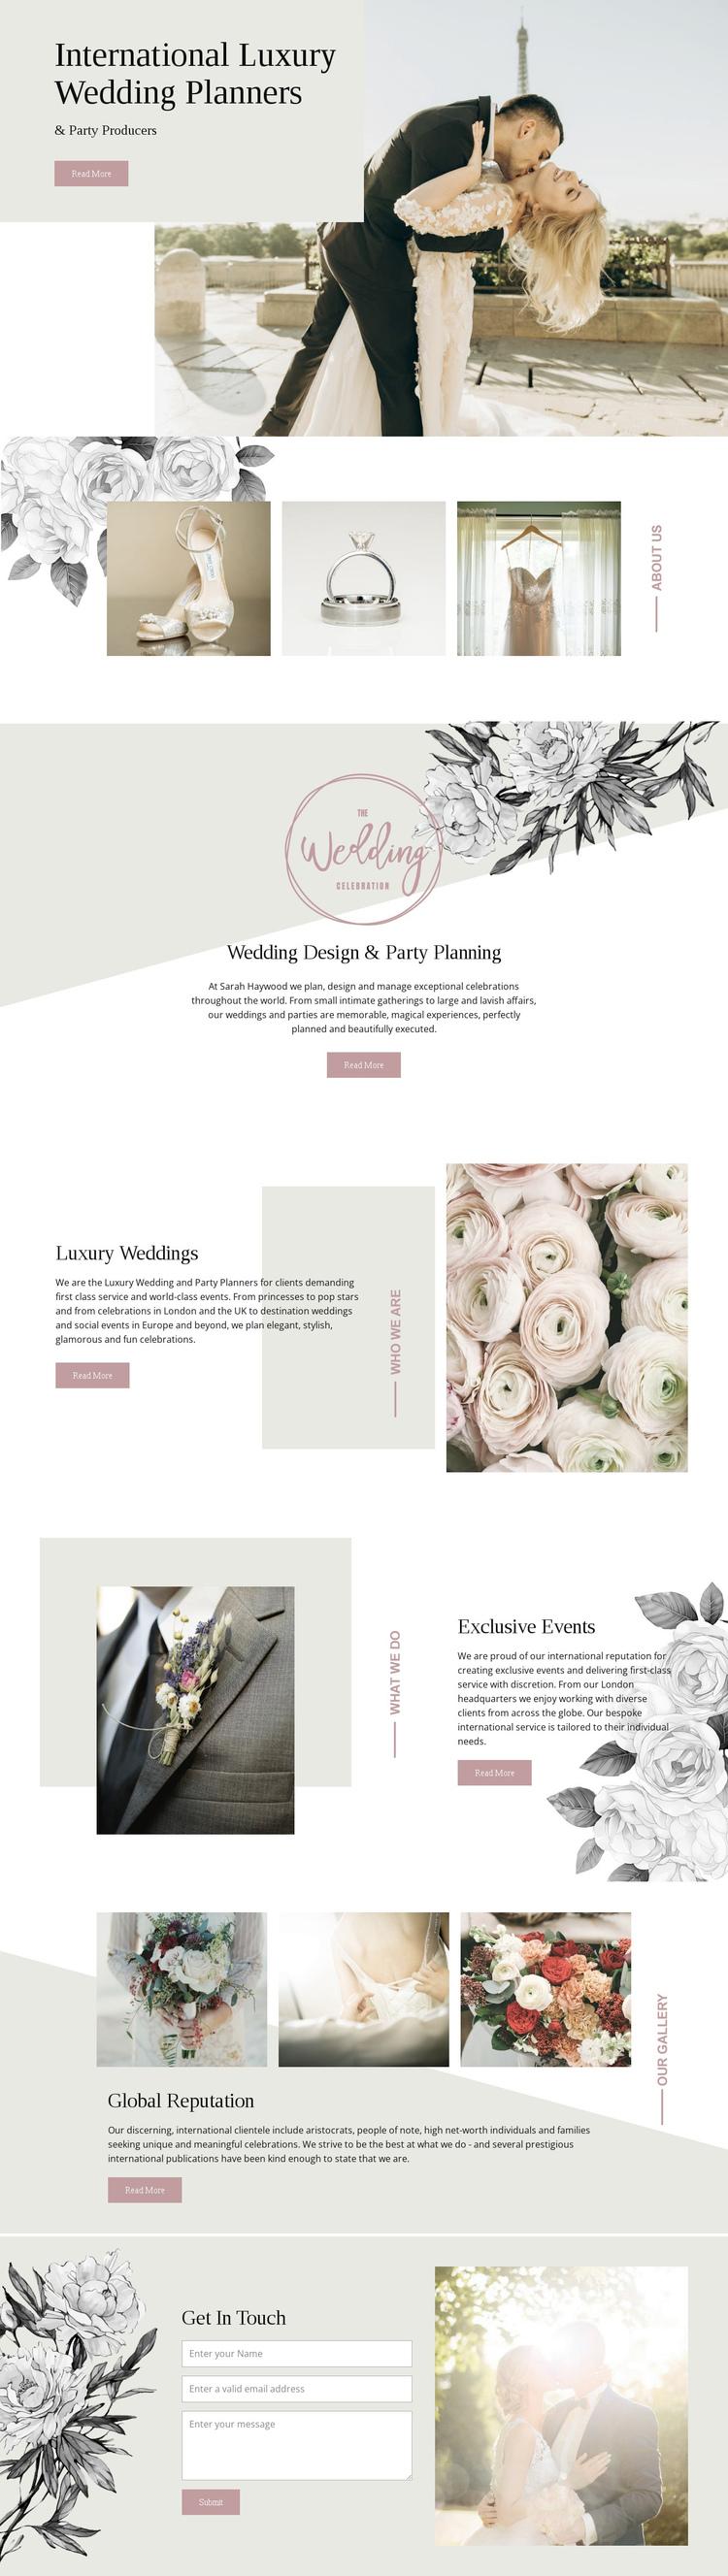 Planners of luxury wedding Website Builder Software